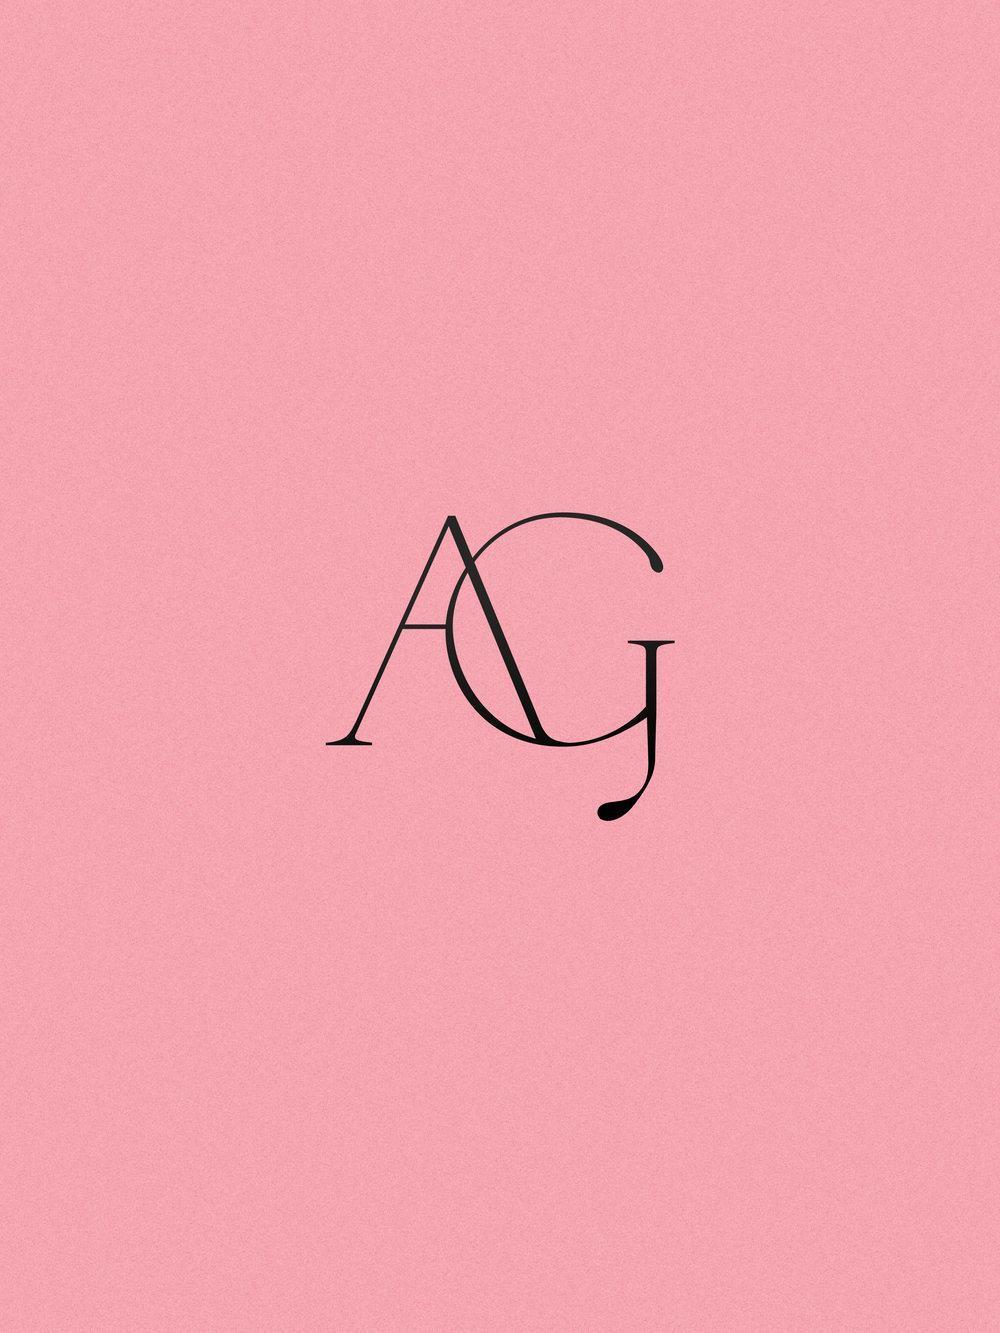 Monogram-AG-LOOLADESIGNS.jpg